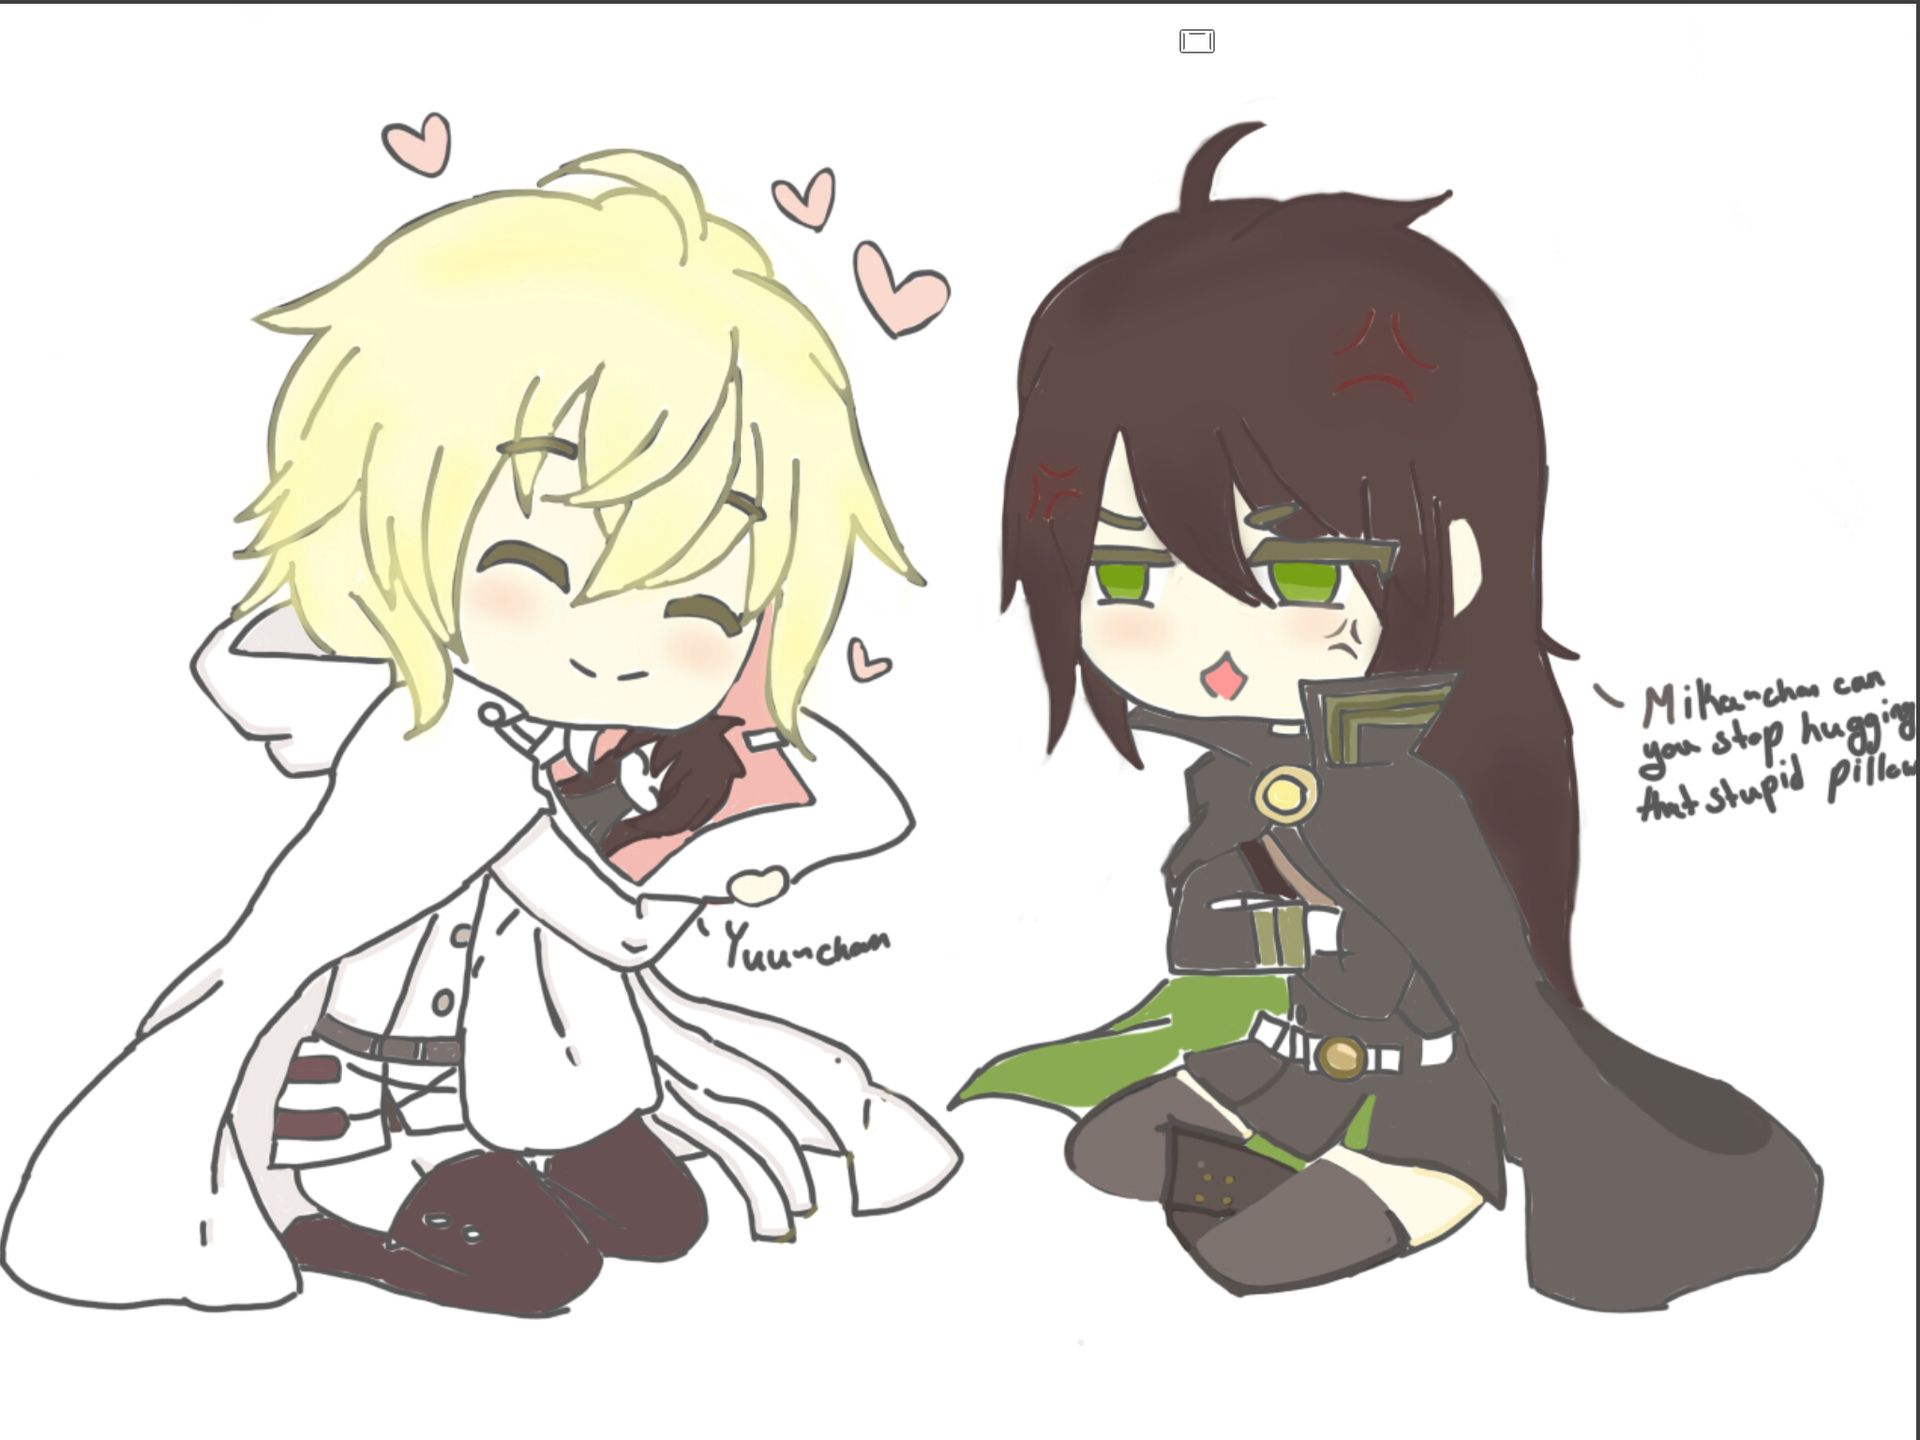 mika and yuu meet